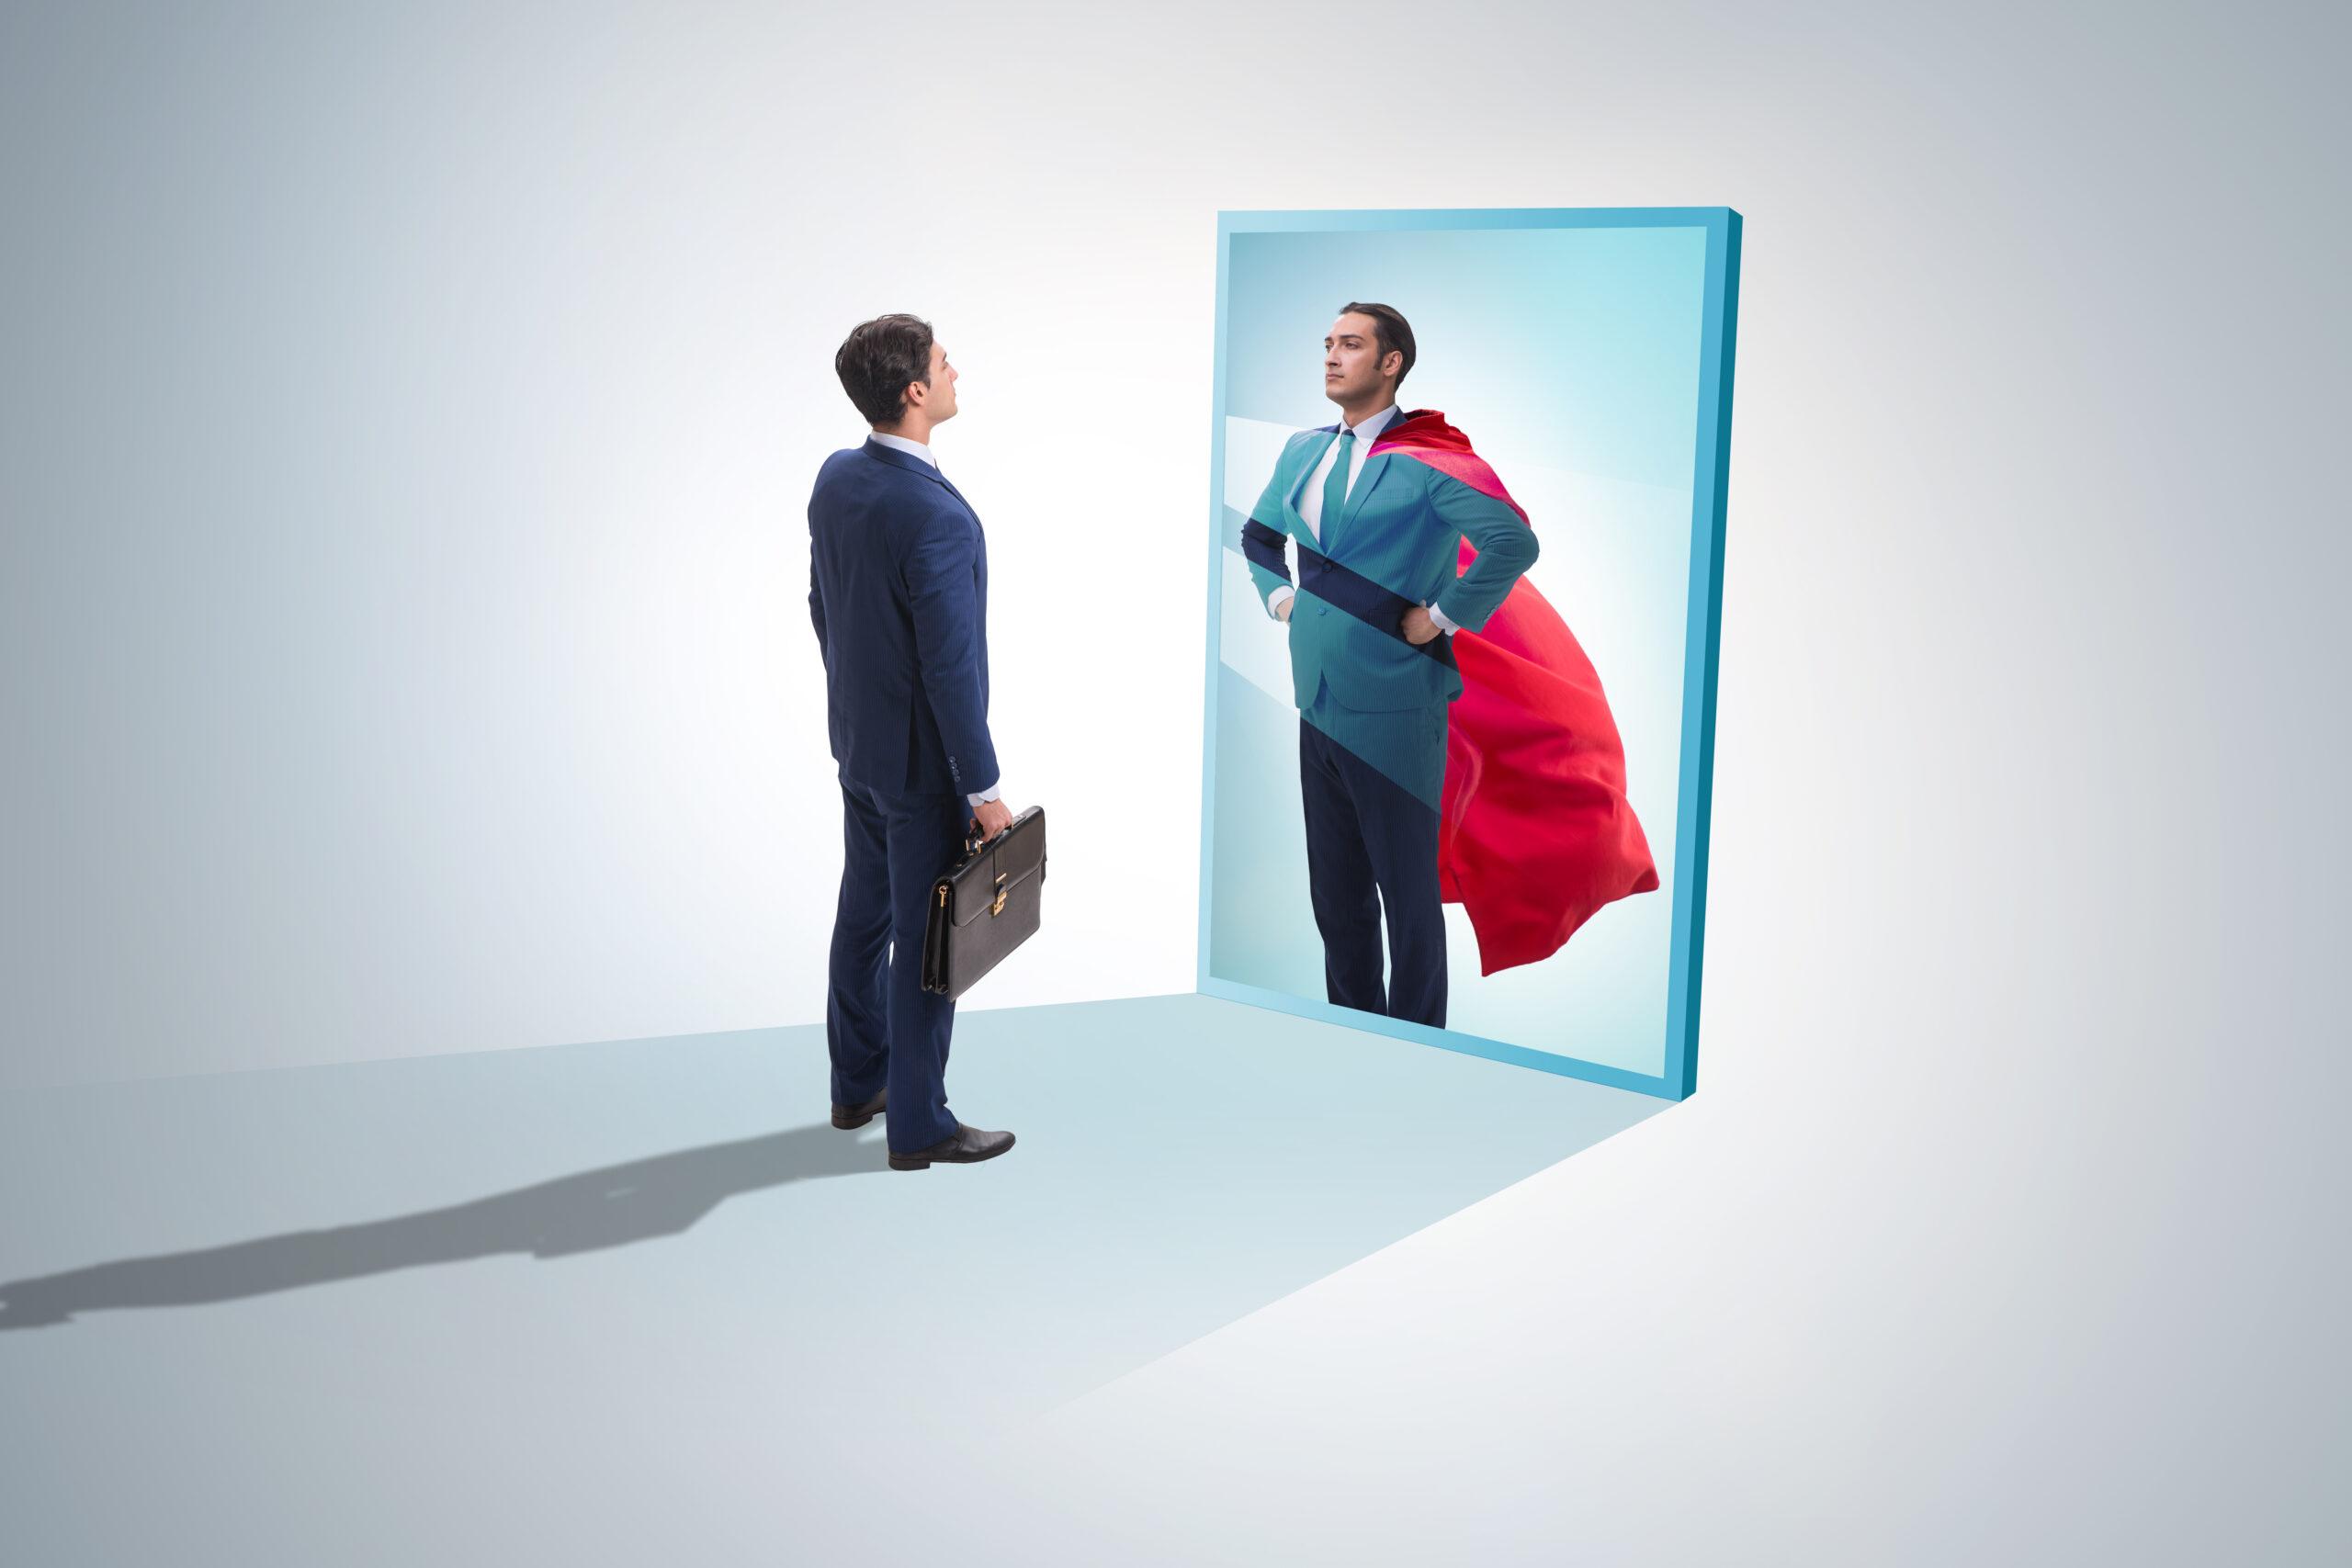 homme miroir